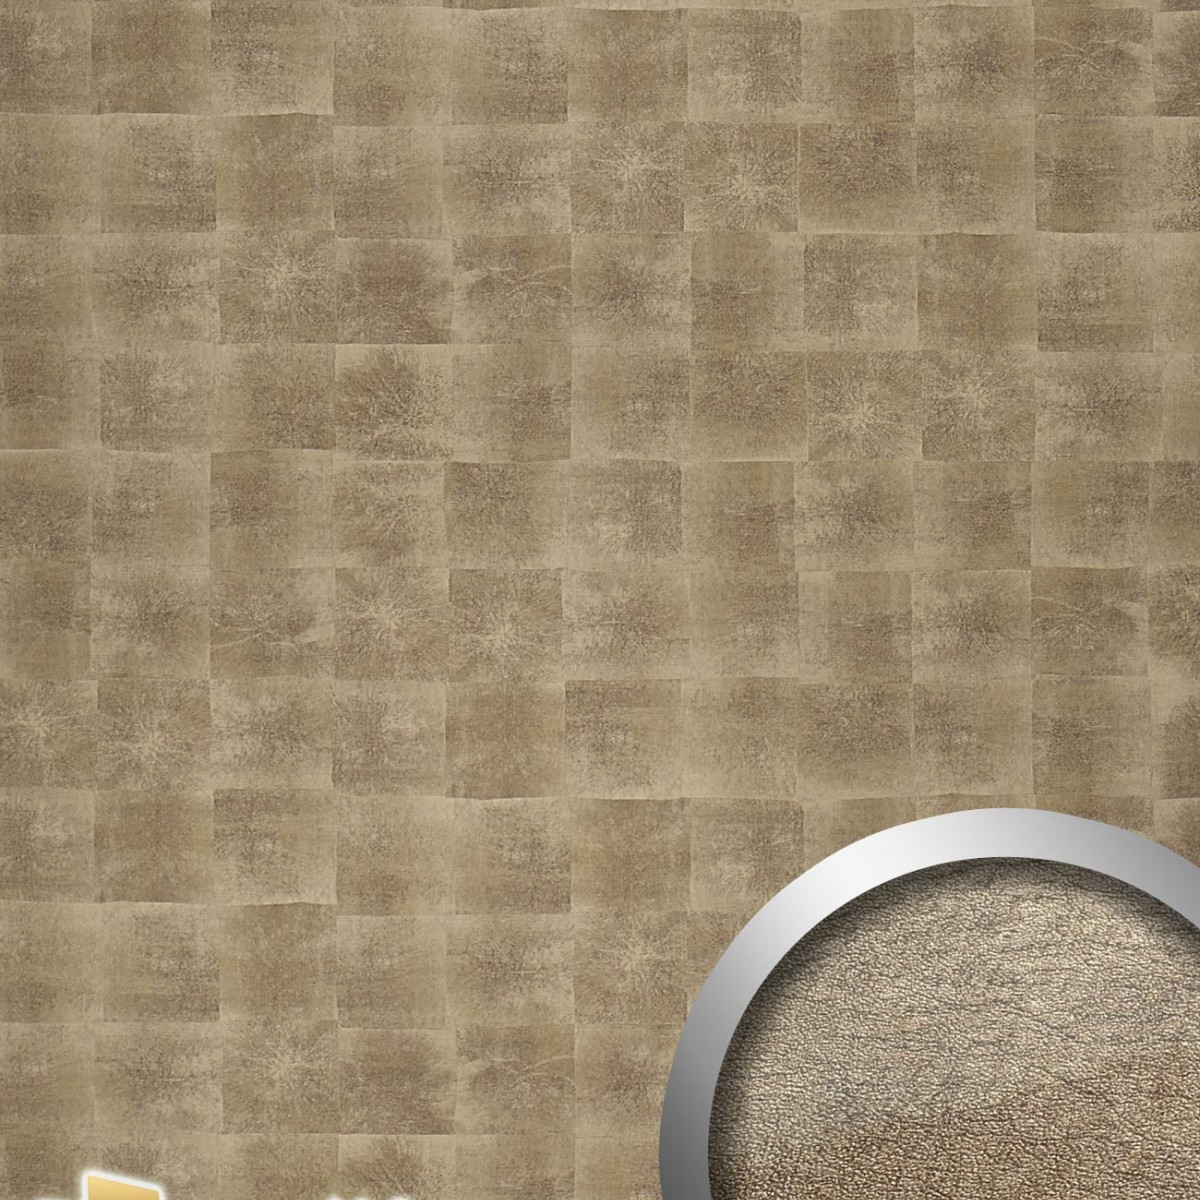 Panou decorativ DECO 17846, WallFace, autocolant